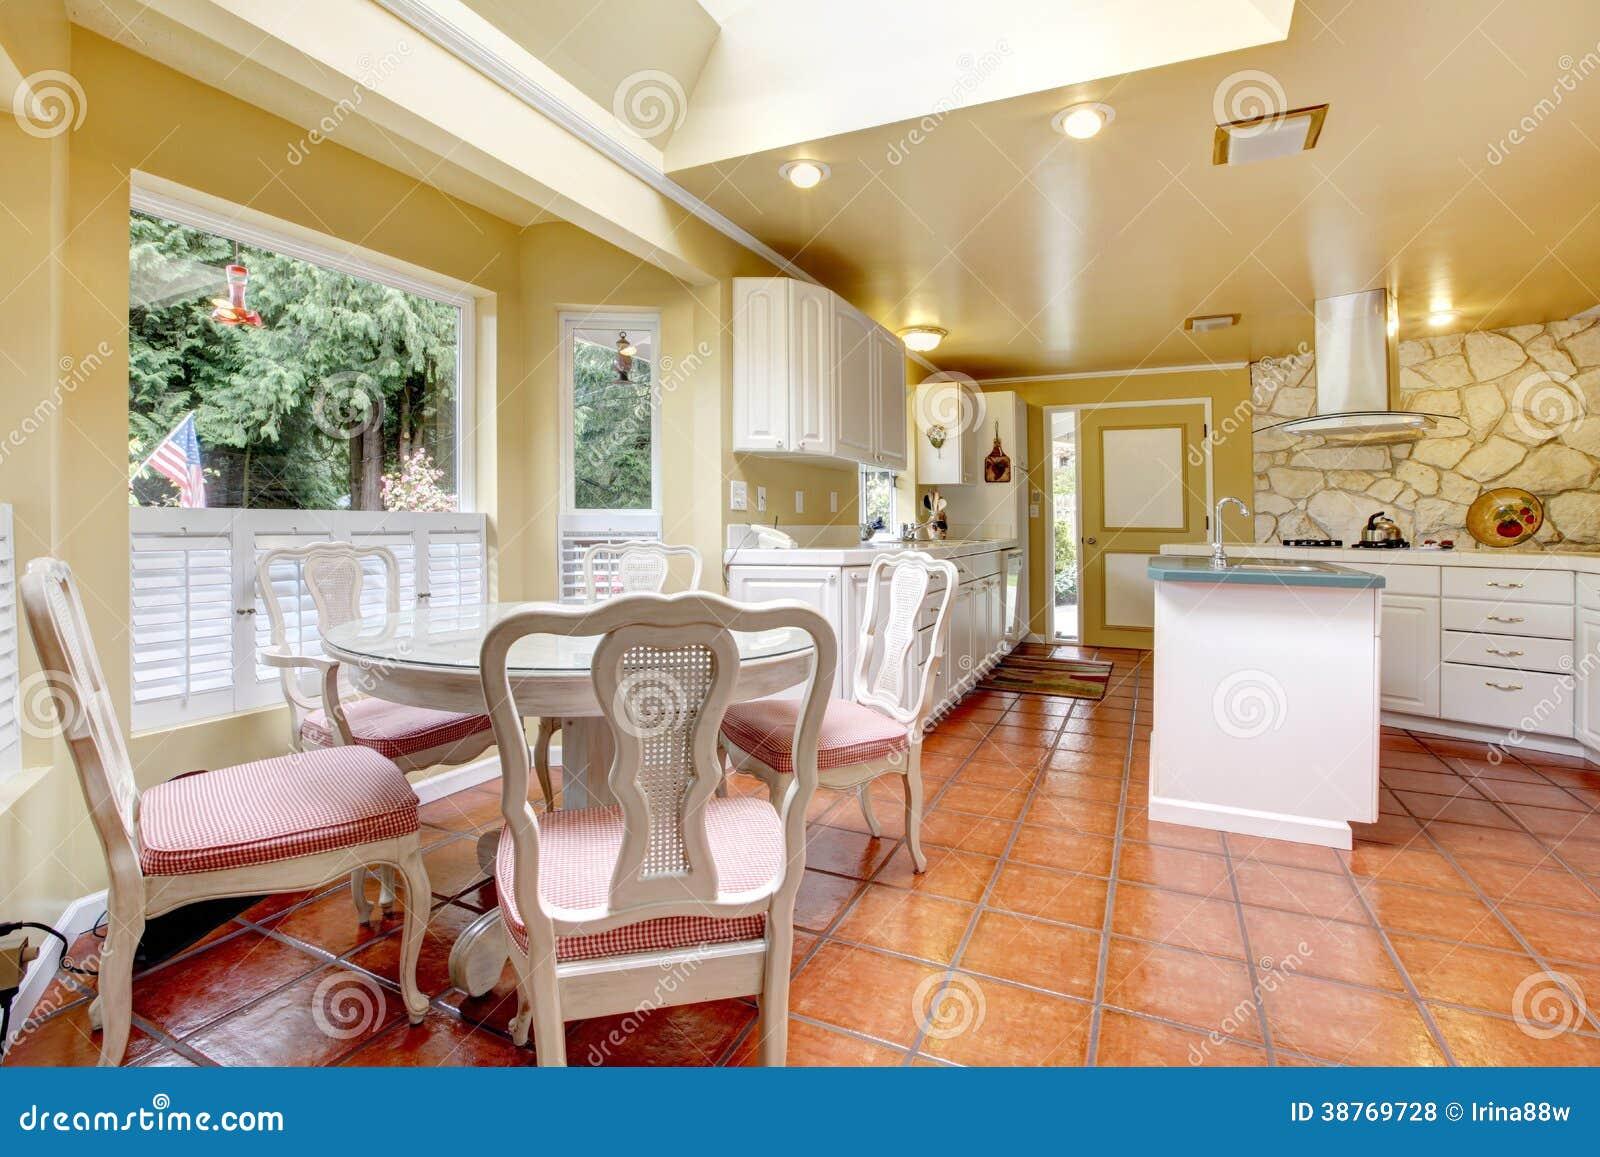 Avorio e stanza bianca della cucina con l 39 insieme del for Cucina con sala da pranzo